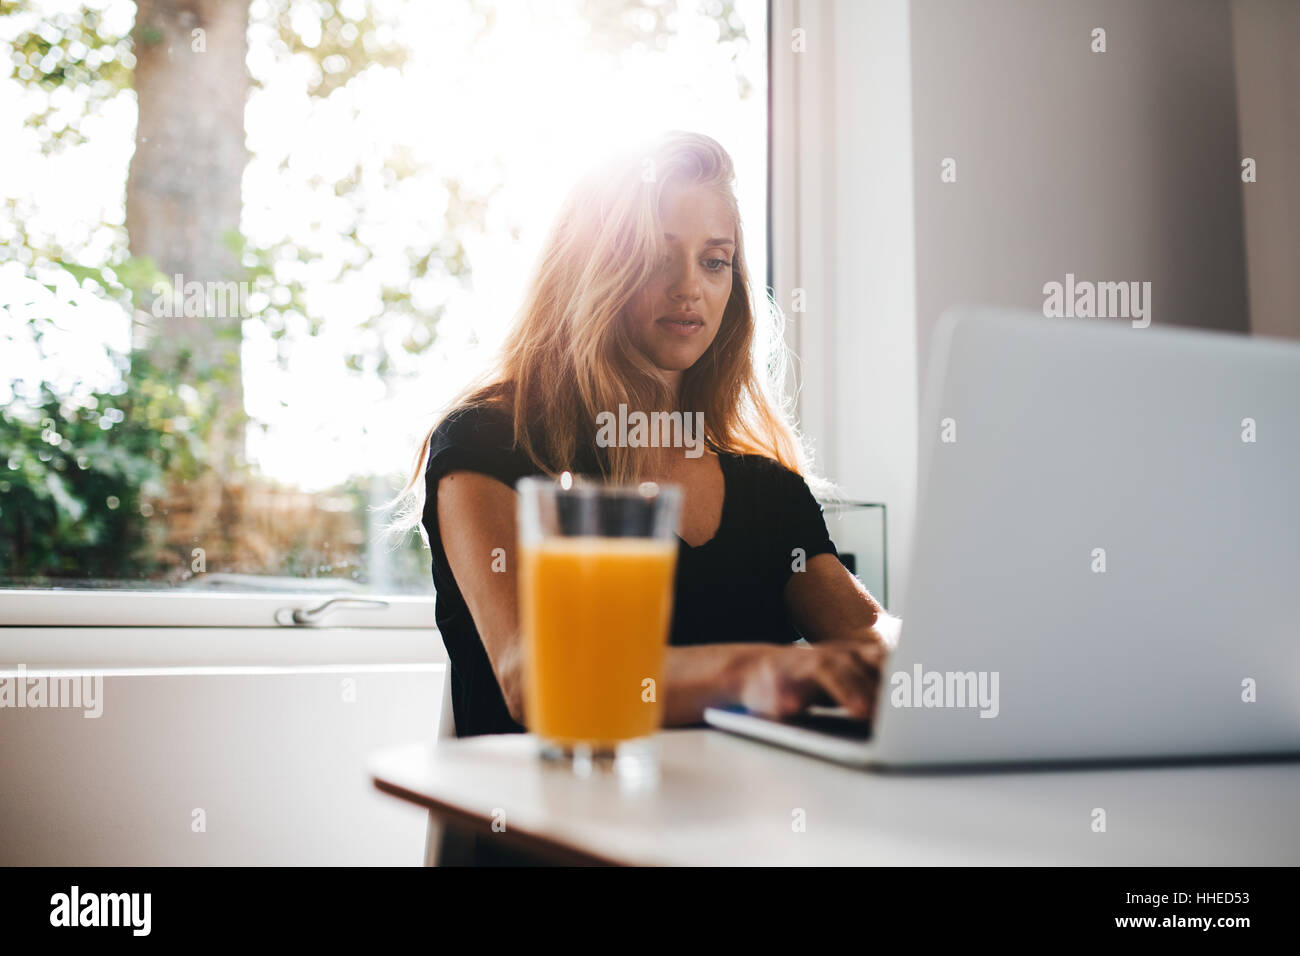 Tiro al coperto del lavoro femminile sul laptop. Donna in mattinata in cucina e utilizzando il computer portatile. Immagini Stock